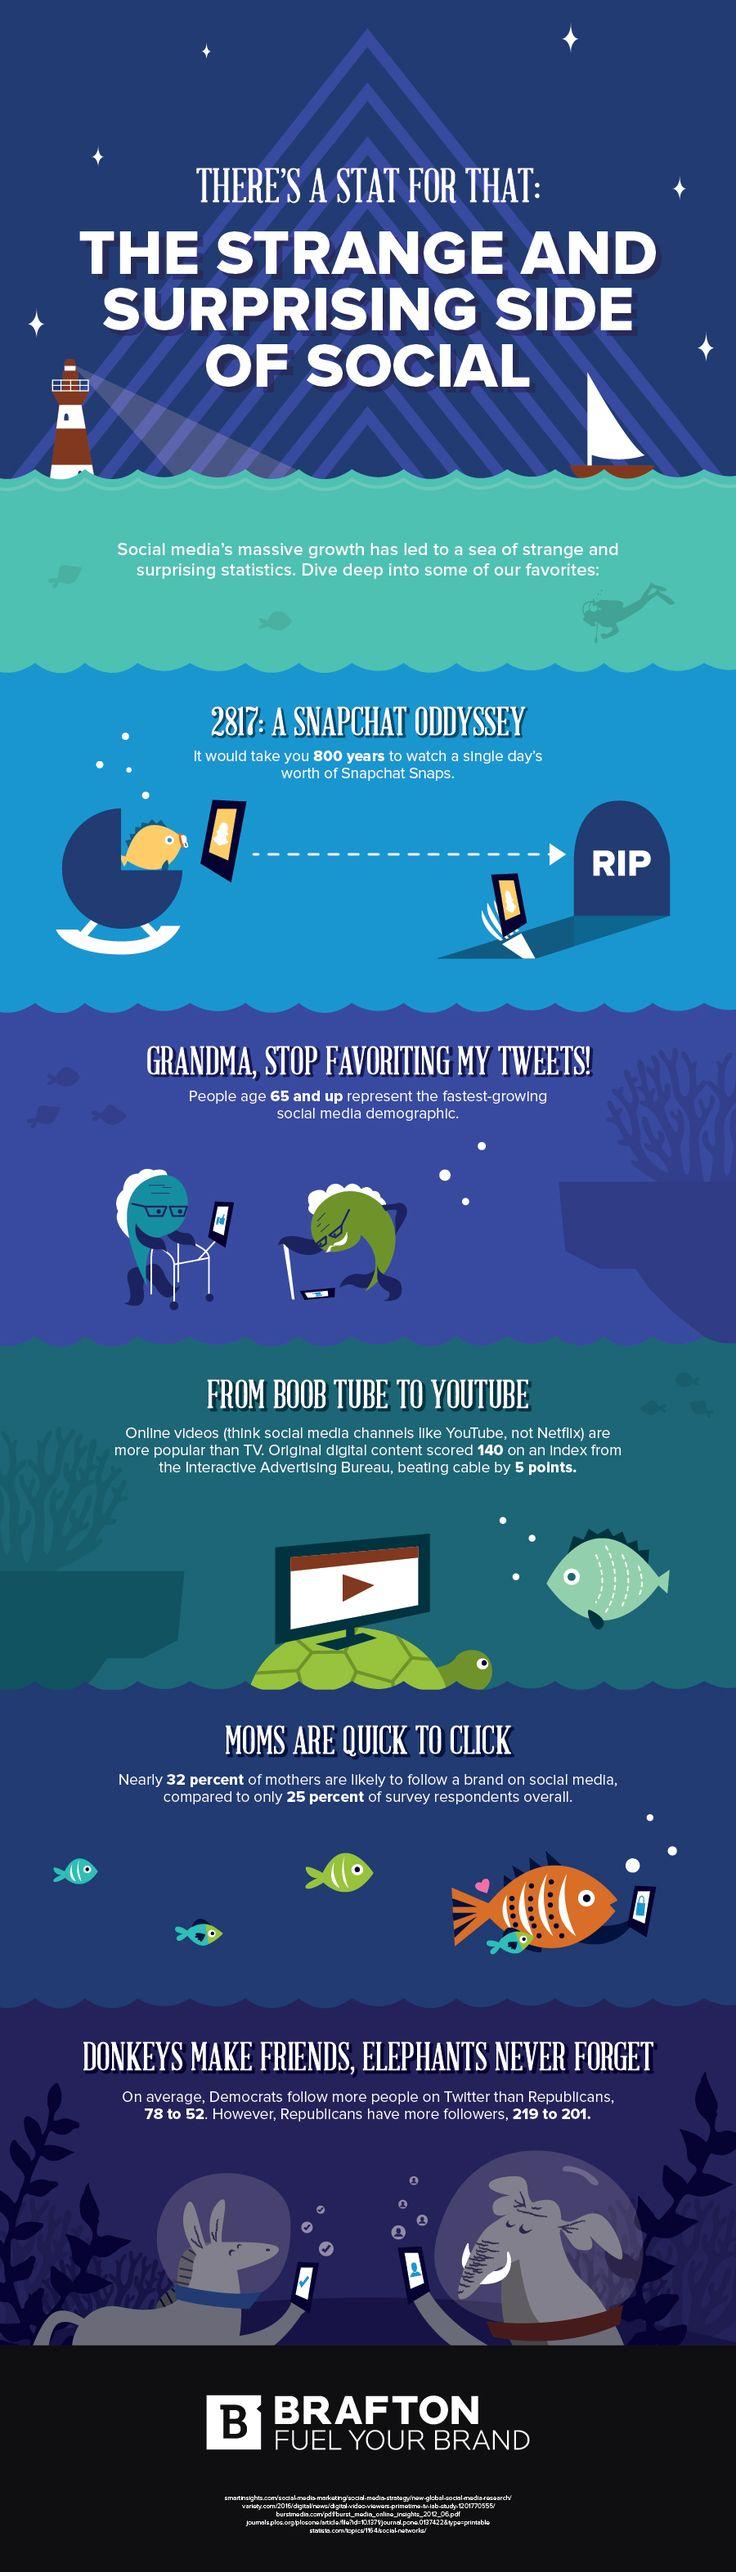 Strange Social Media Facts